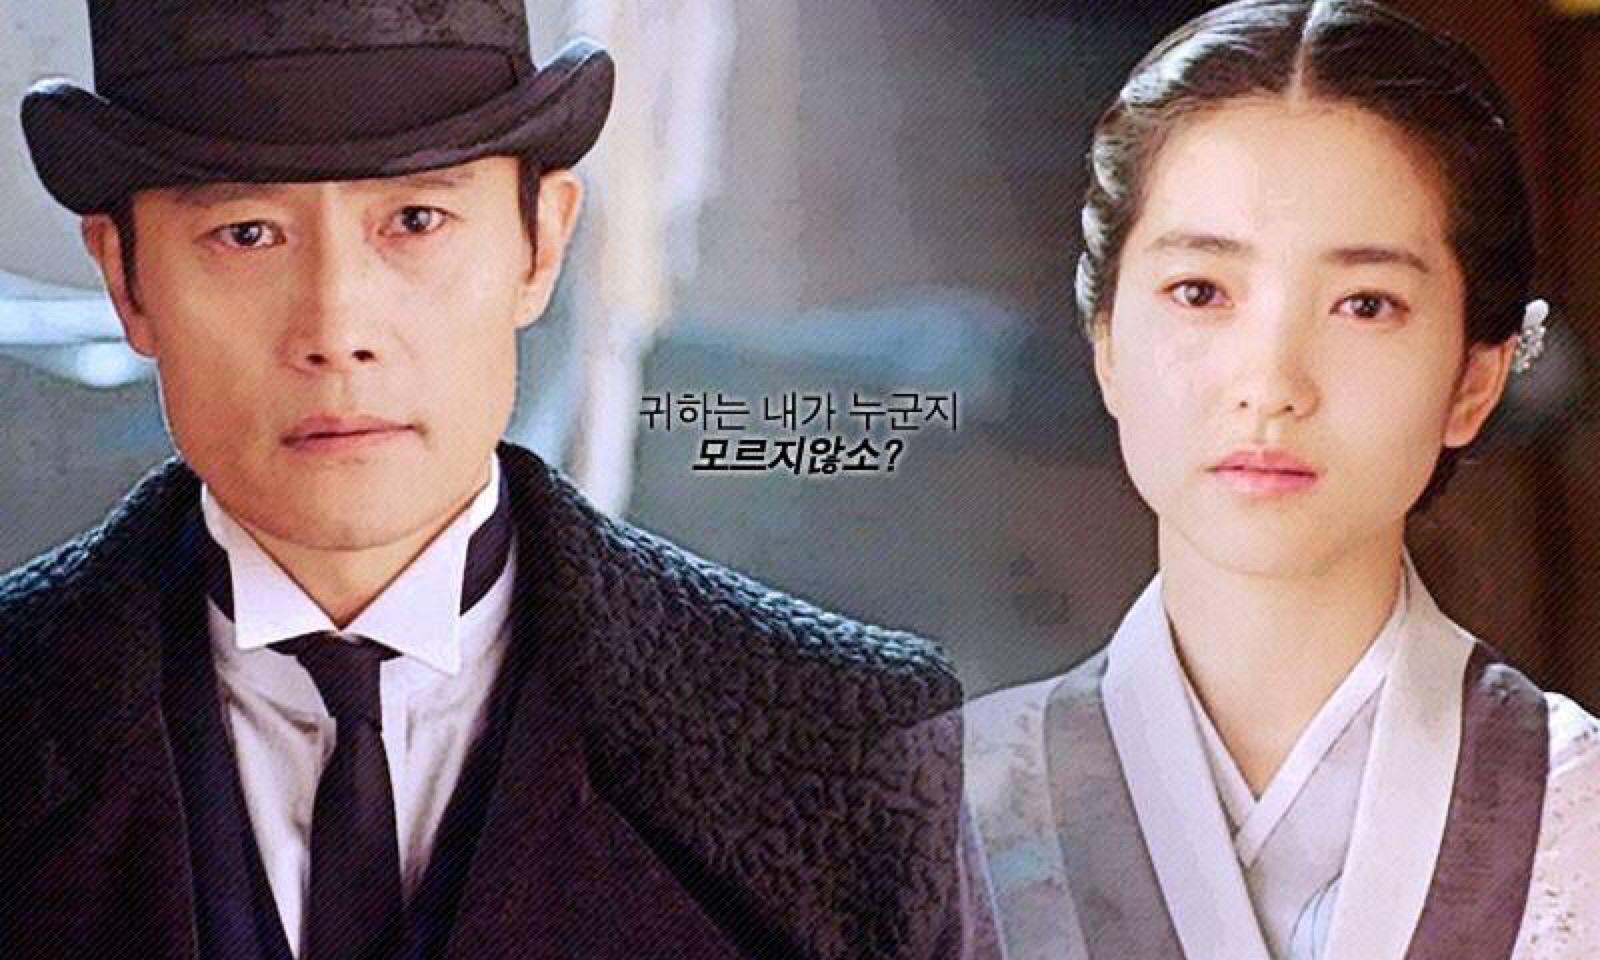 tvN史上最贵韩剧颠覆了韩剧的认知